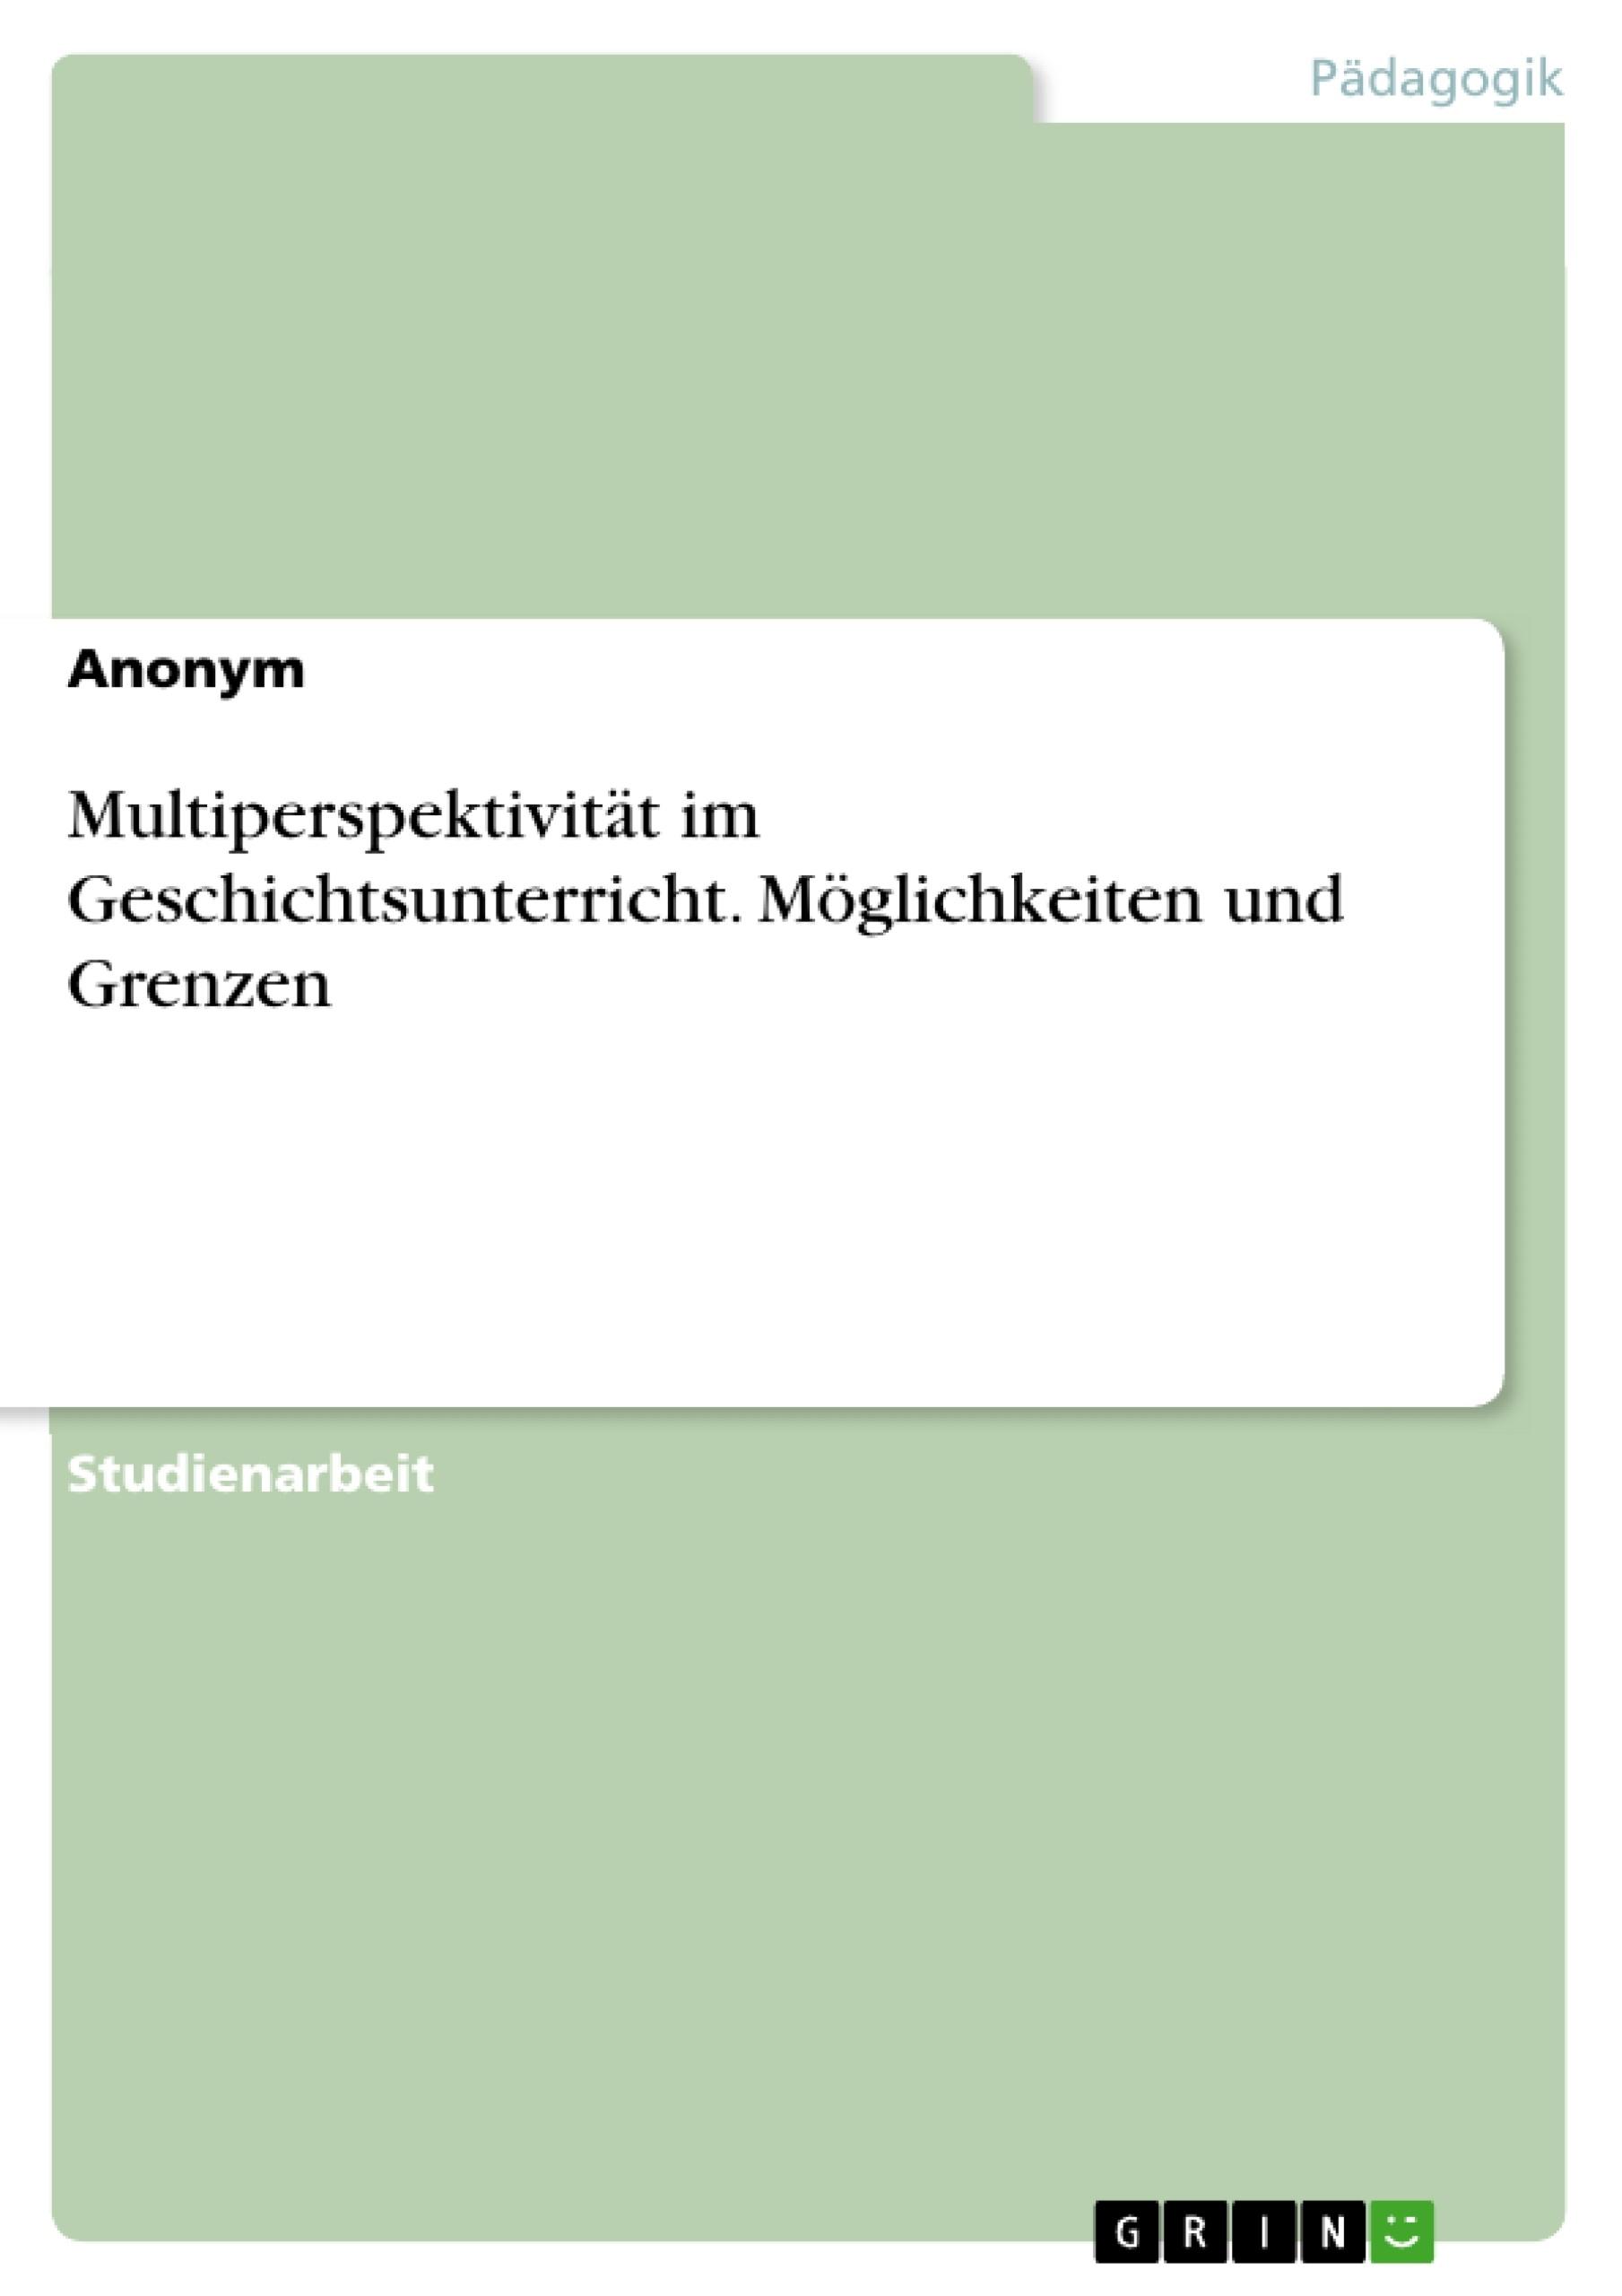 Titel: Multiperspektivität im Geschichtsunterricht. Möglichkeiten und Grenzen